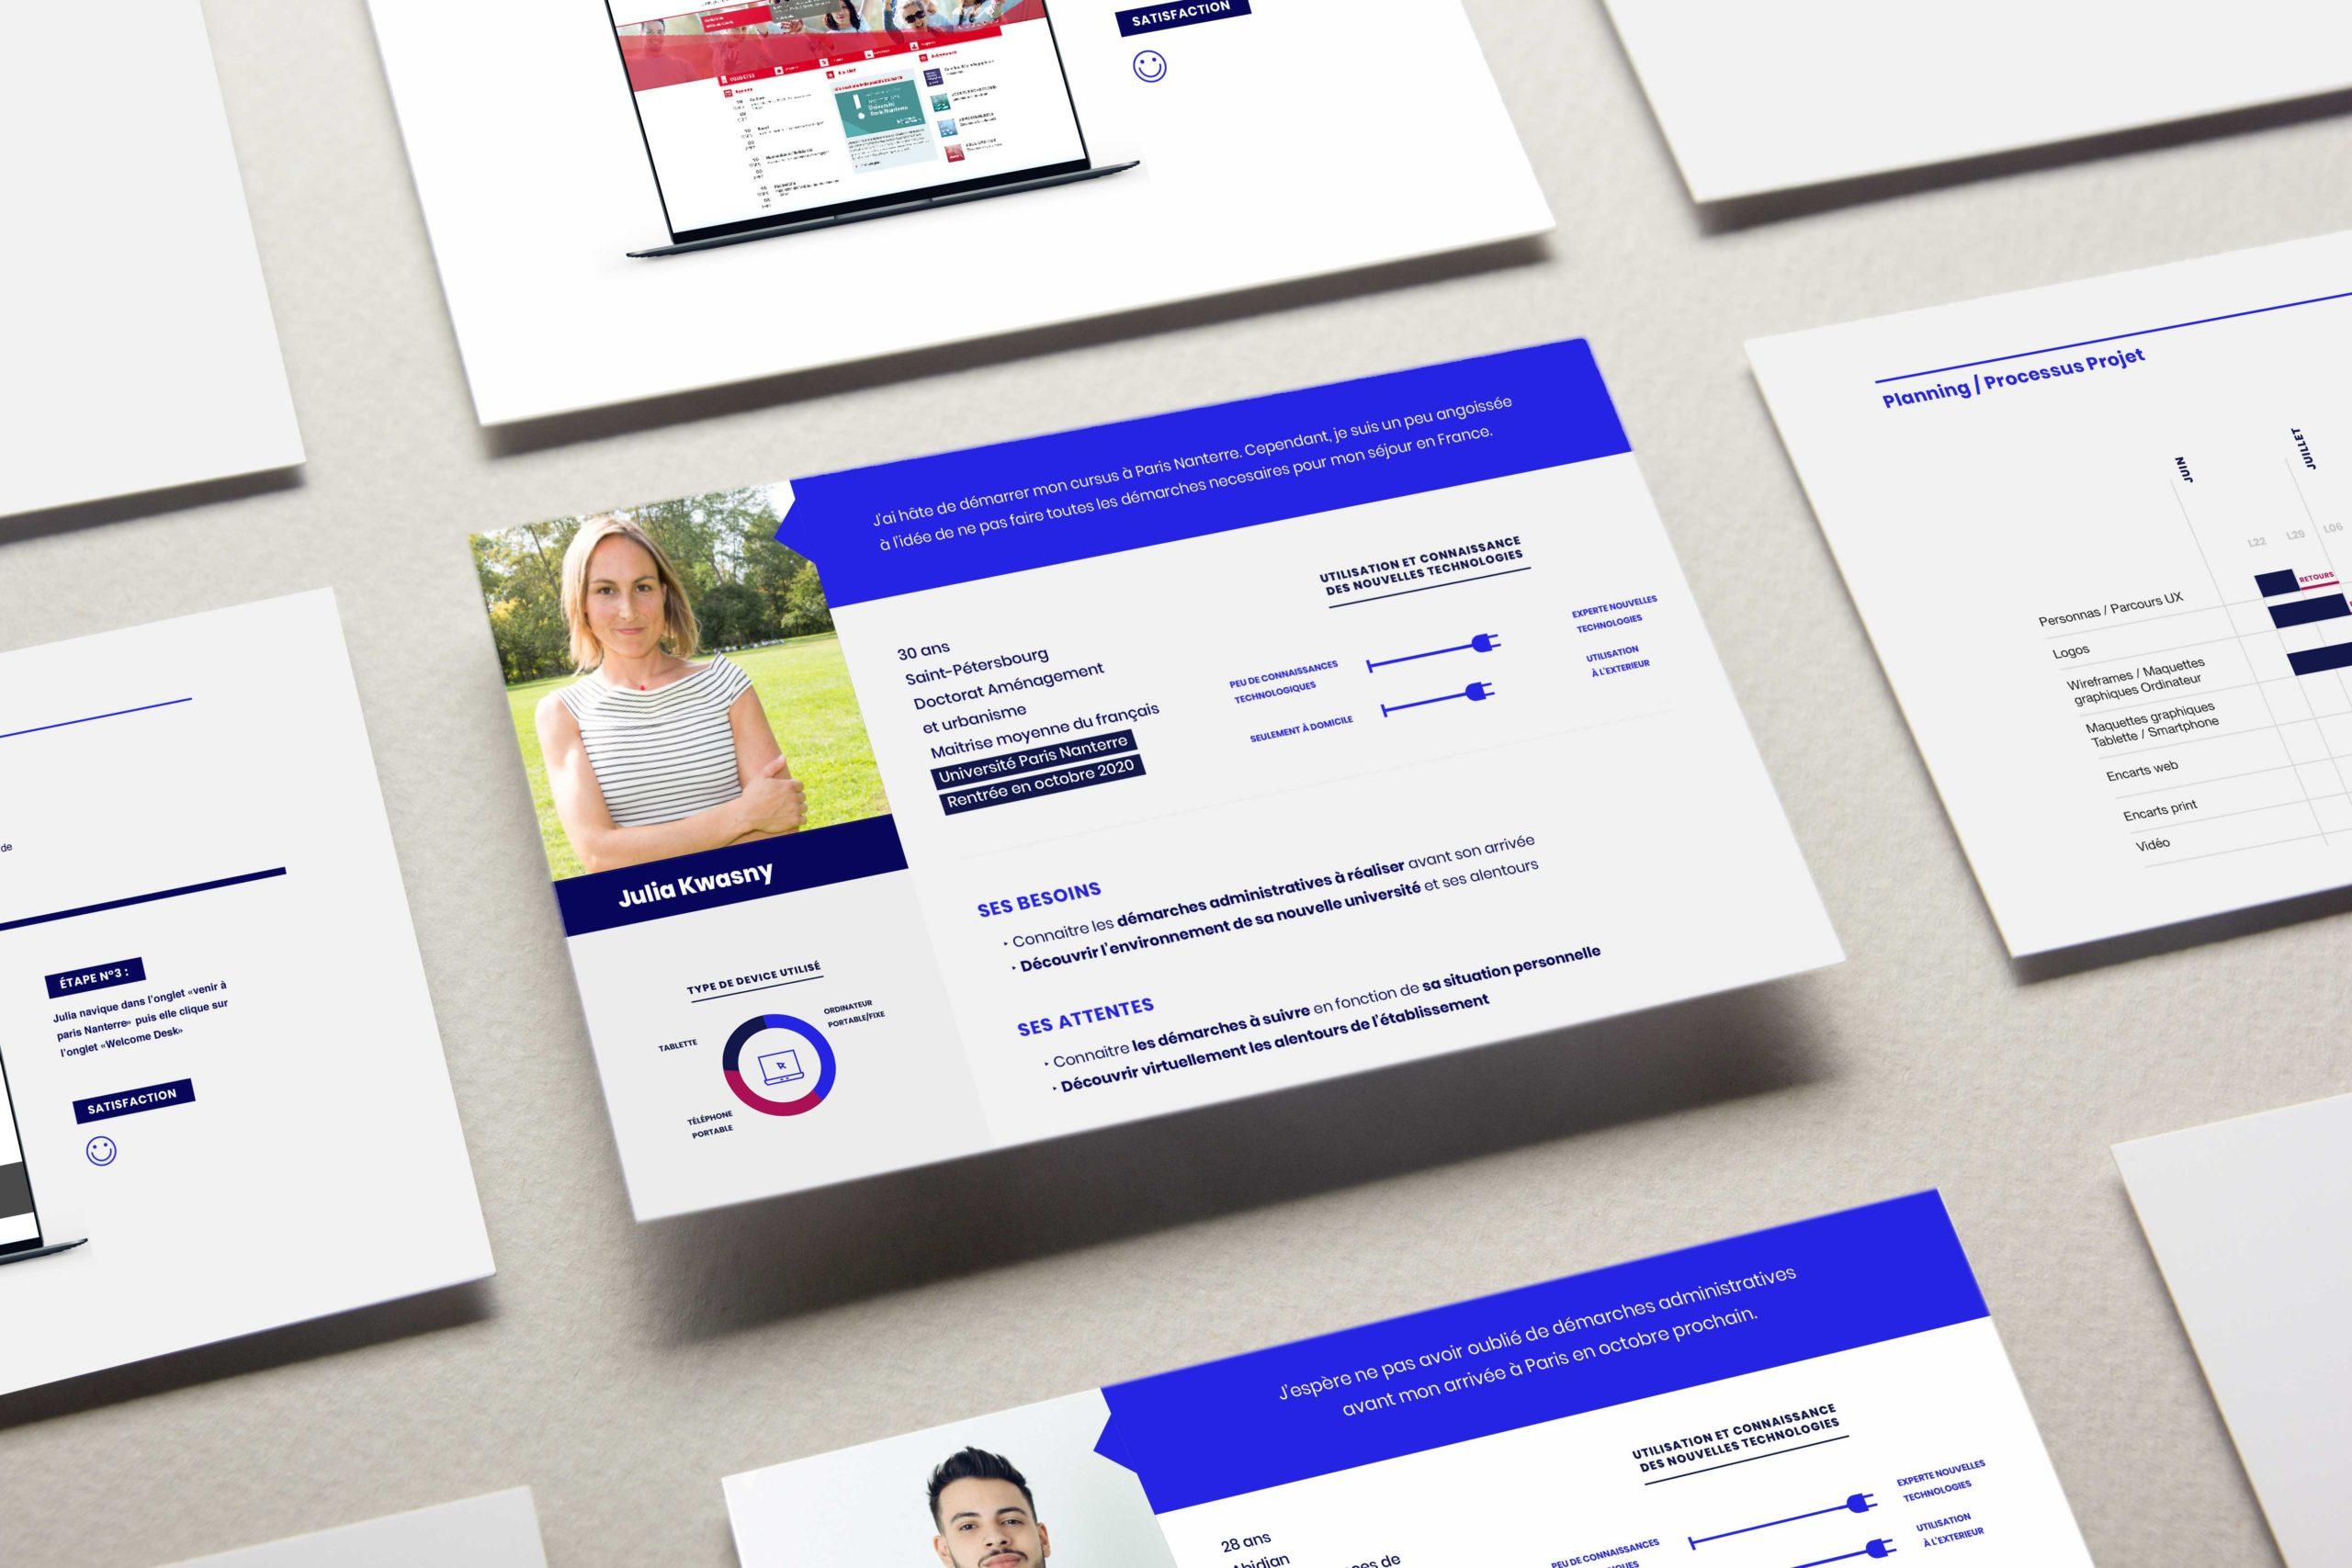 Différentes planches de présentation du travail autour de l'UX design. On peut y voir le travail des personas.